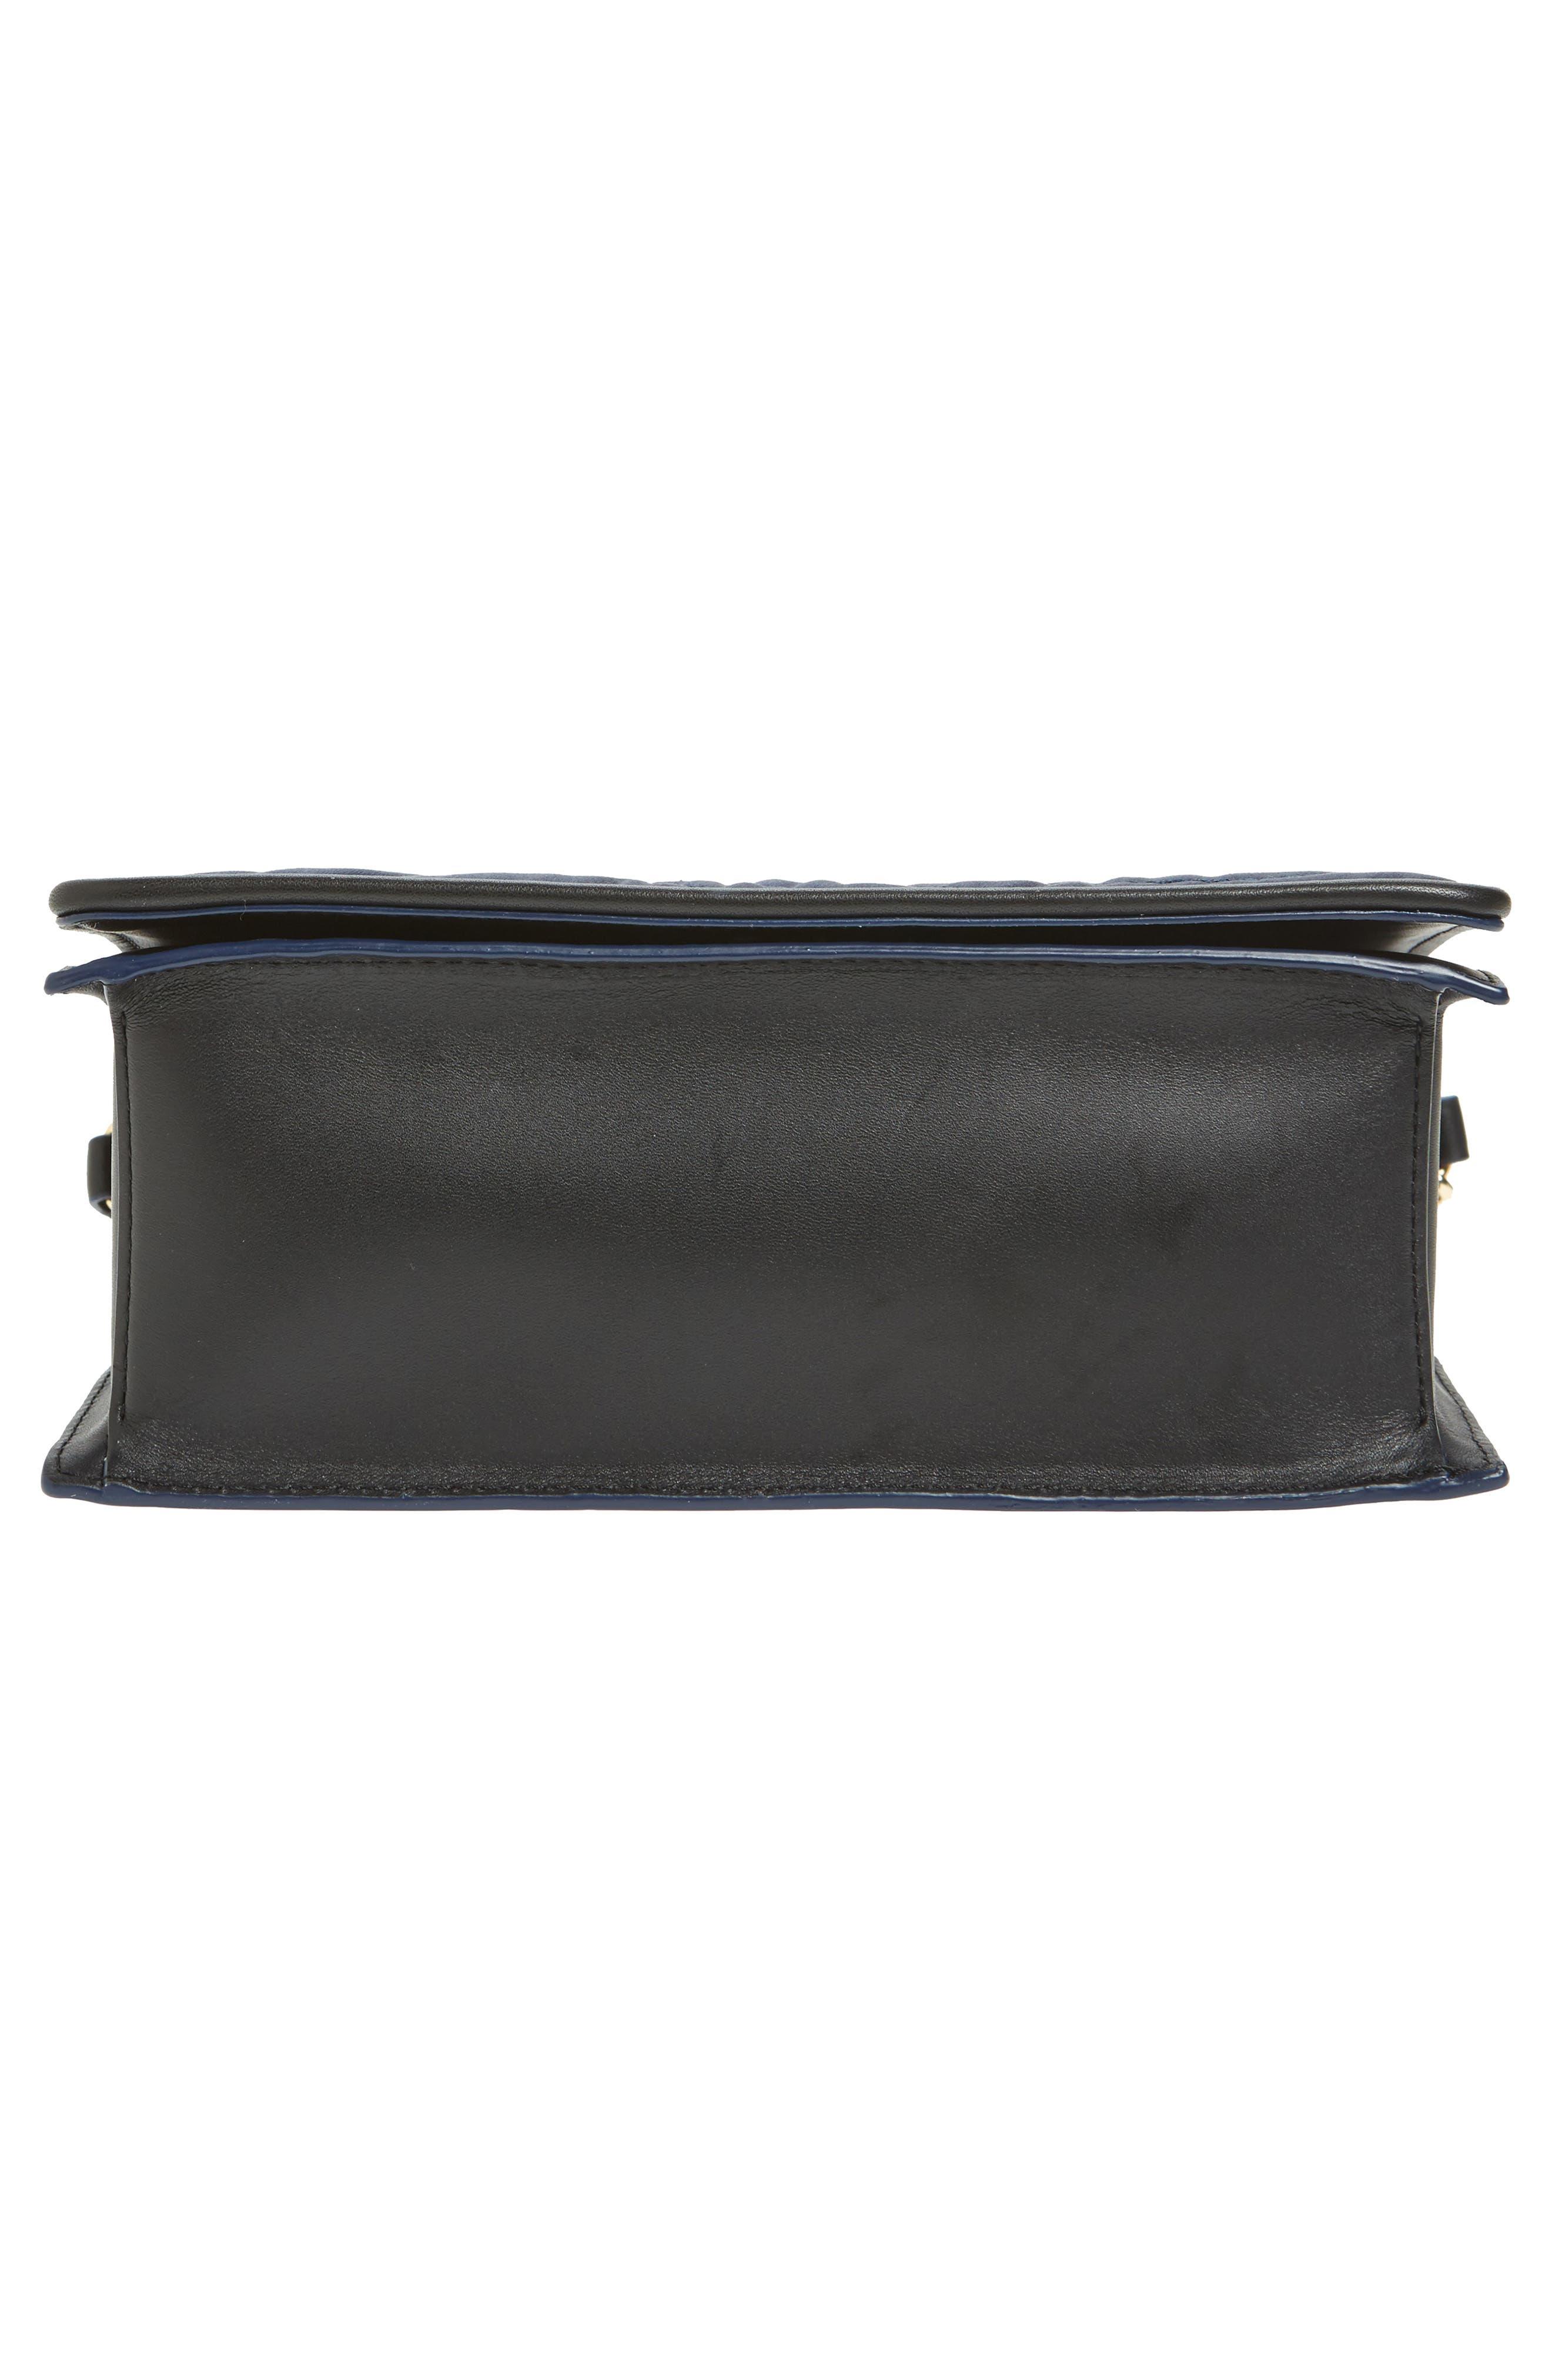 Bonne Soirée Quilted Top Handle Bag,                             Alternate thumbnail 6, color,                             Navy